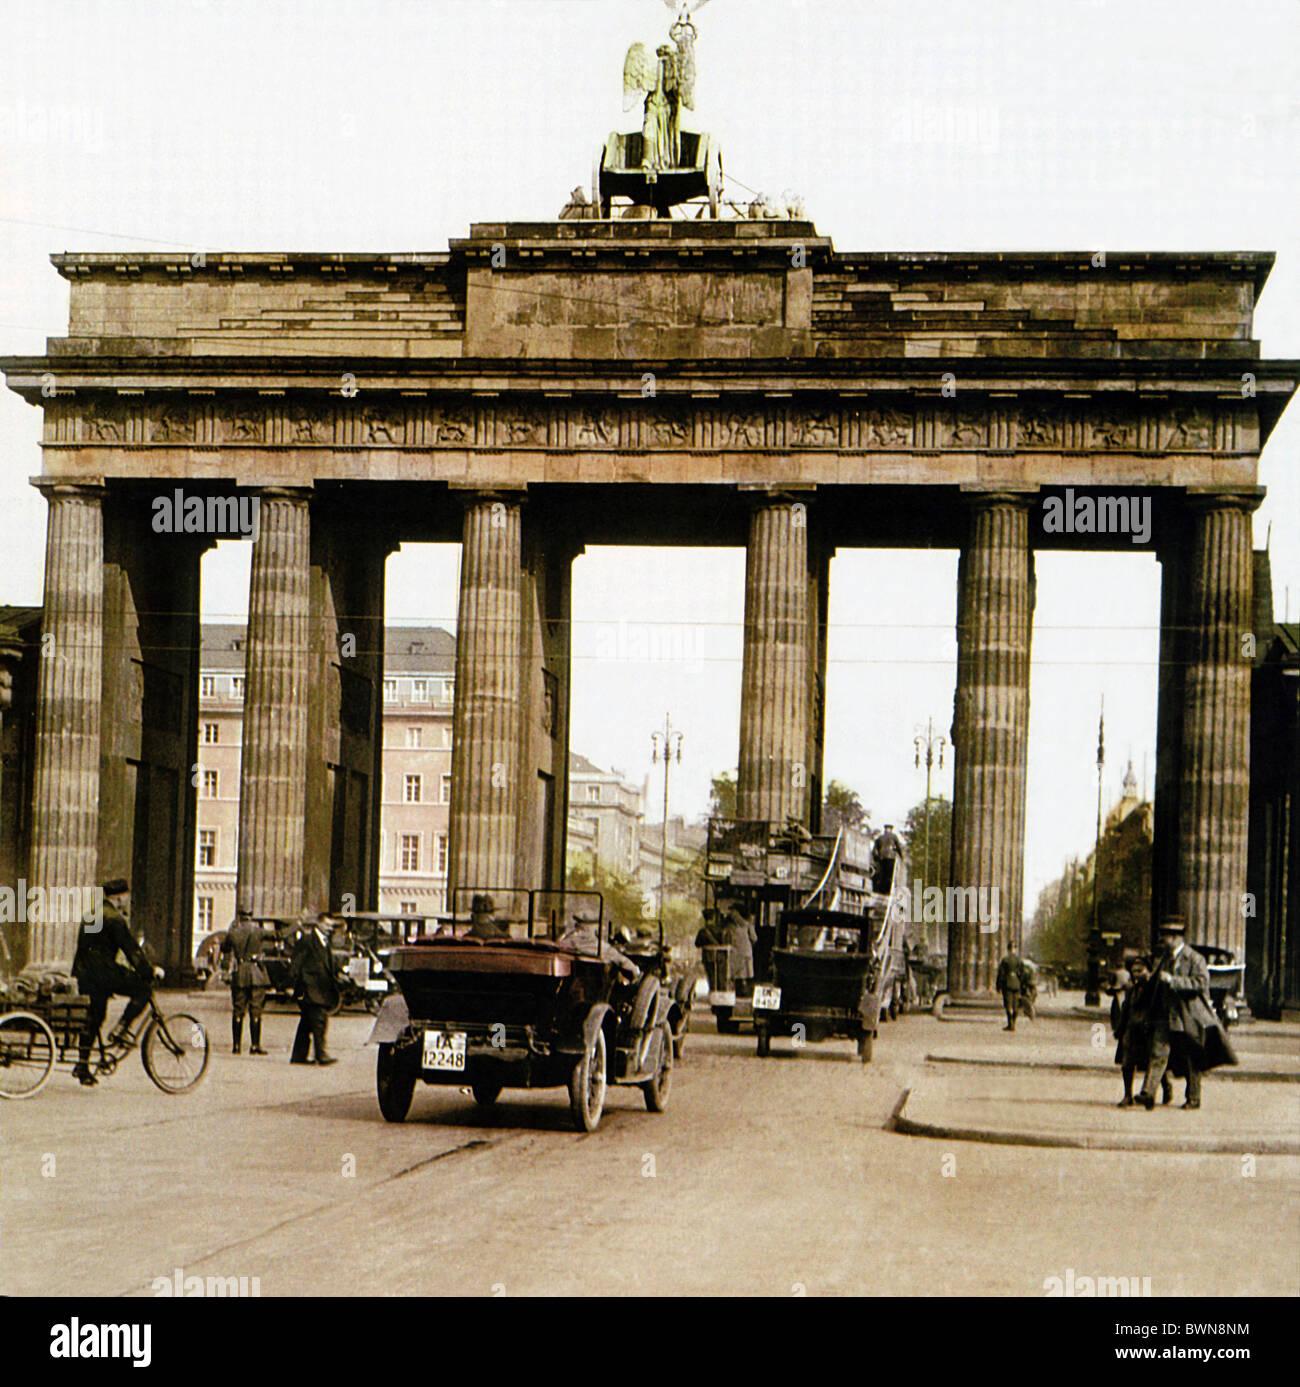 Brandenburger Tor Berlín cerca de 1910 historia histórico pueblo de tráfico landmark Puerta de Brandenburgo Imagen De Stock